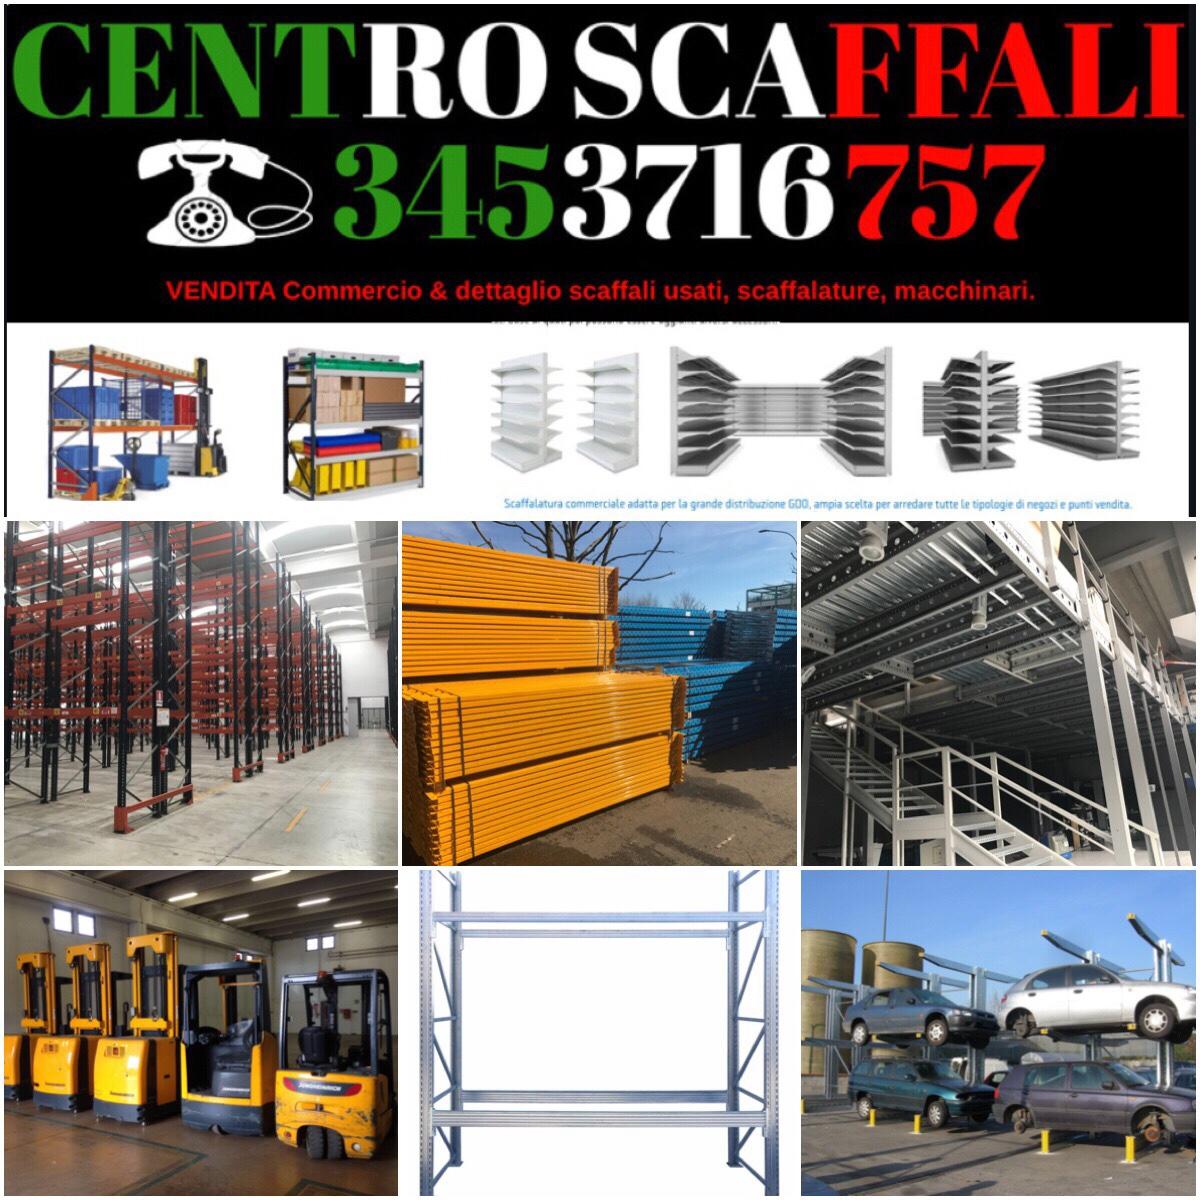 Scaffali Pallets Usati : Scaffali usati in tutta italia vendita e istallazione porta